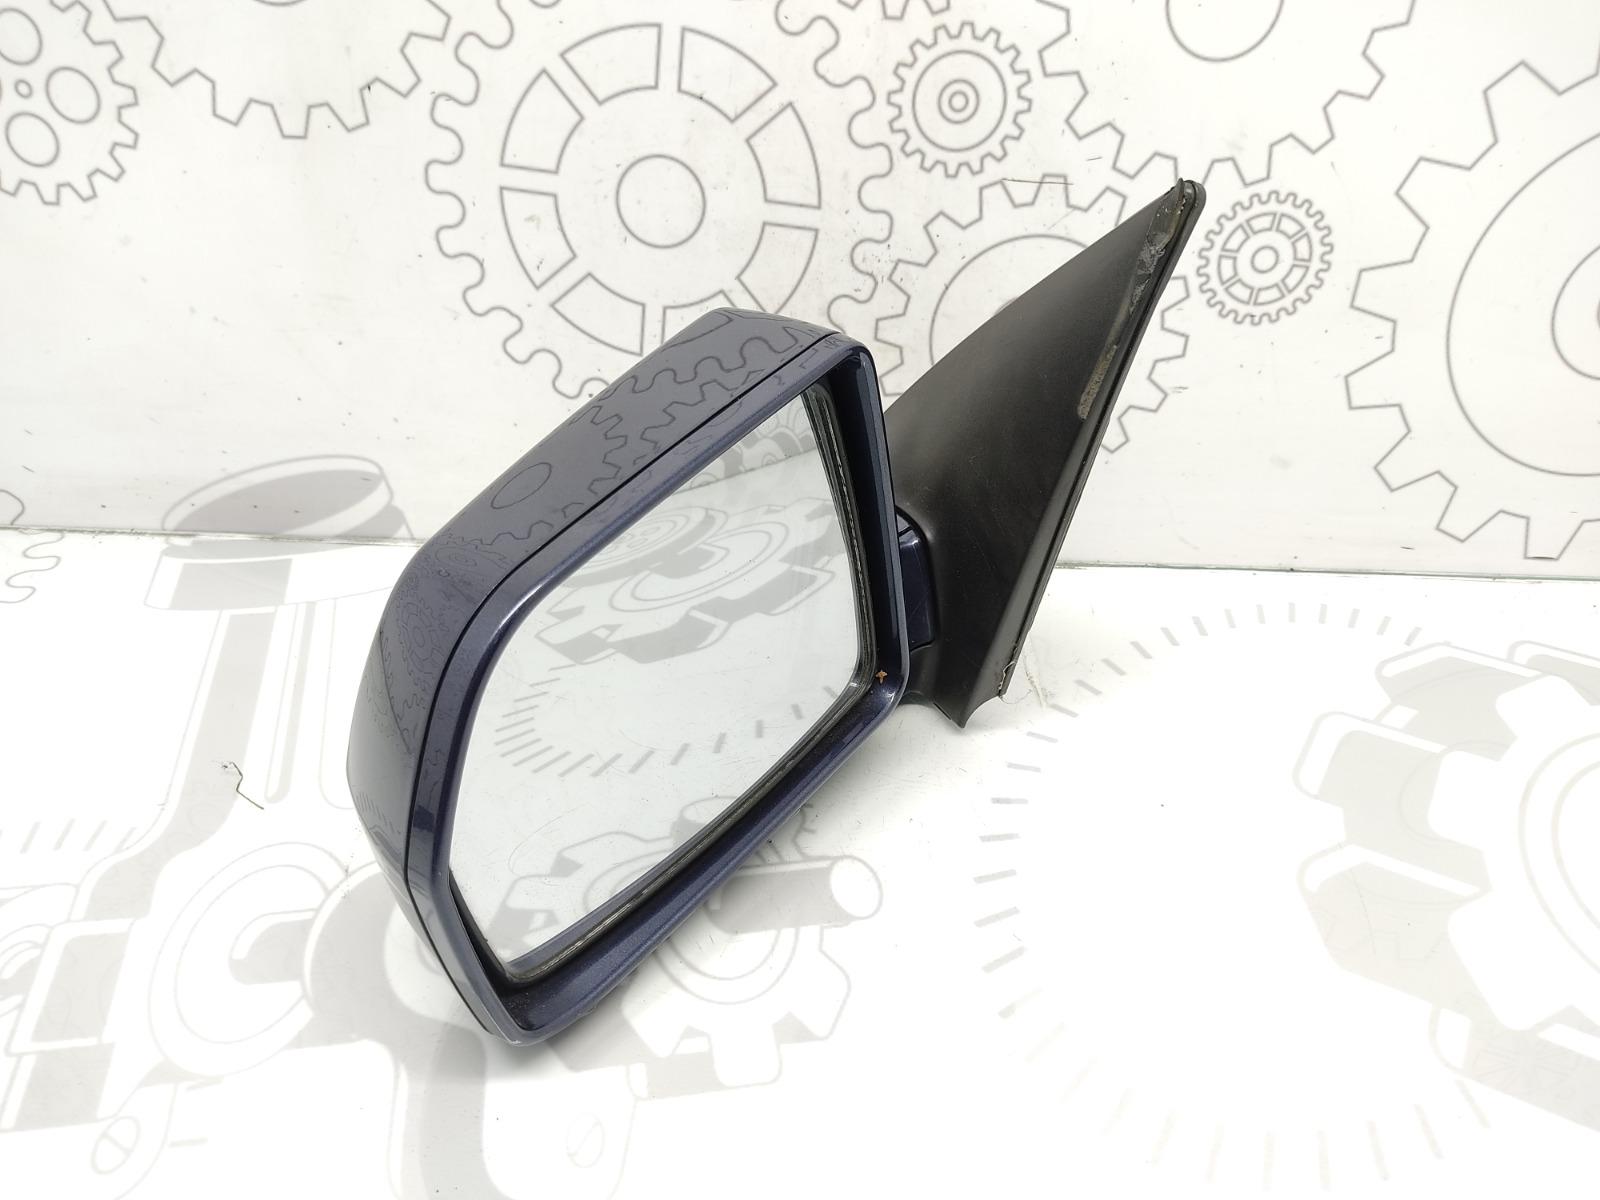 Зеркало наружное левое Kia Sportage 2.0 CRDI 2009 (б/у)